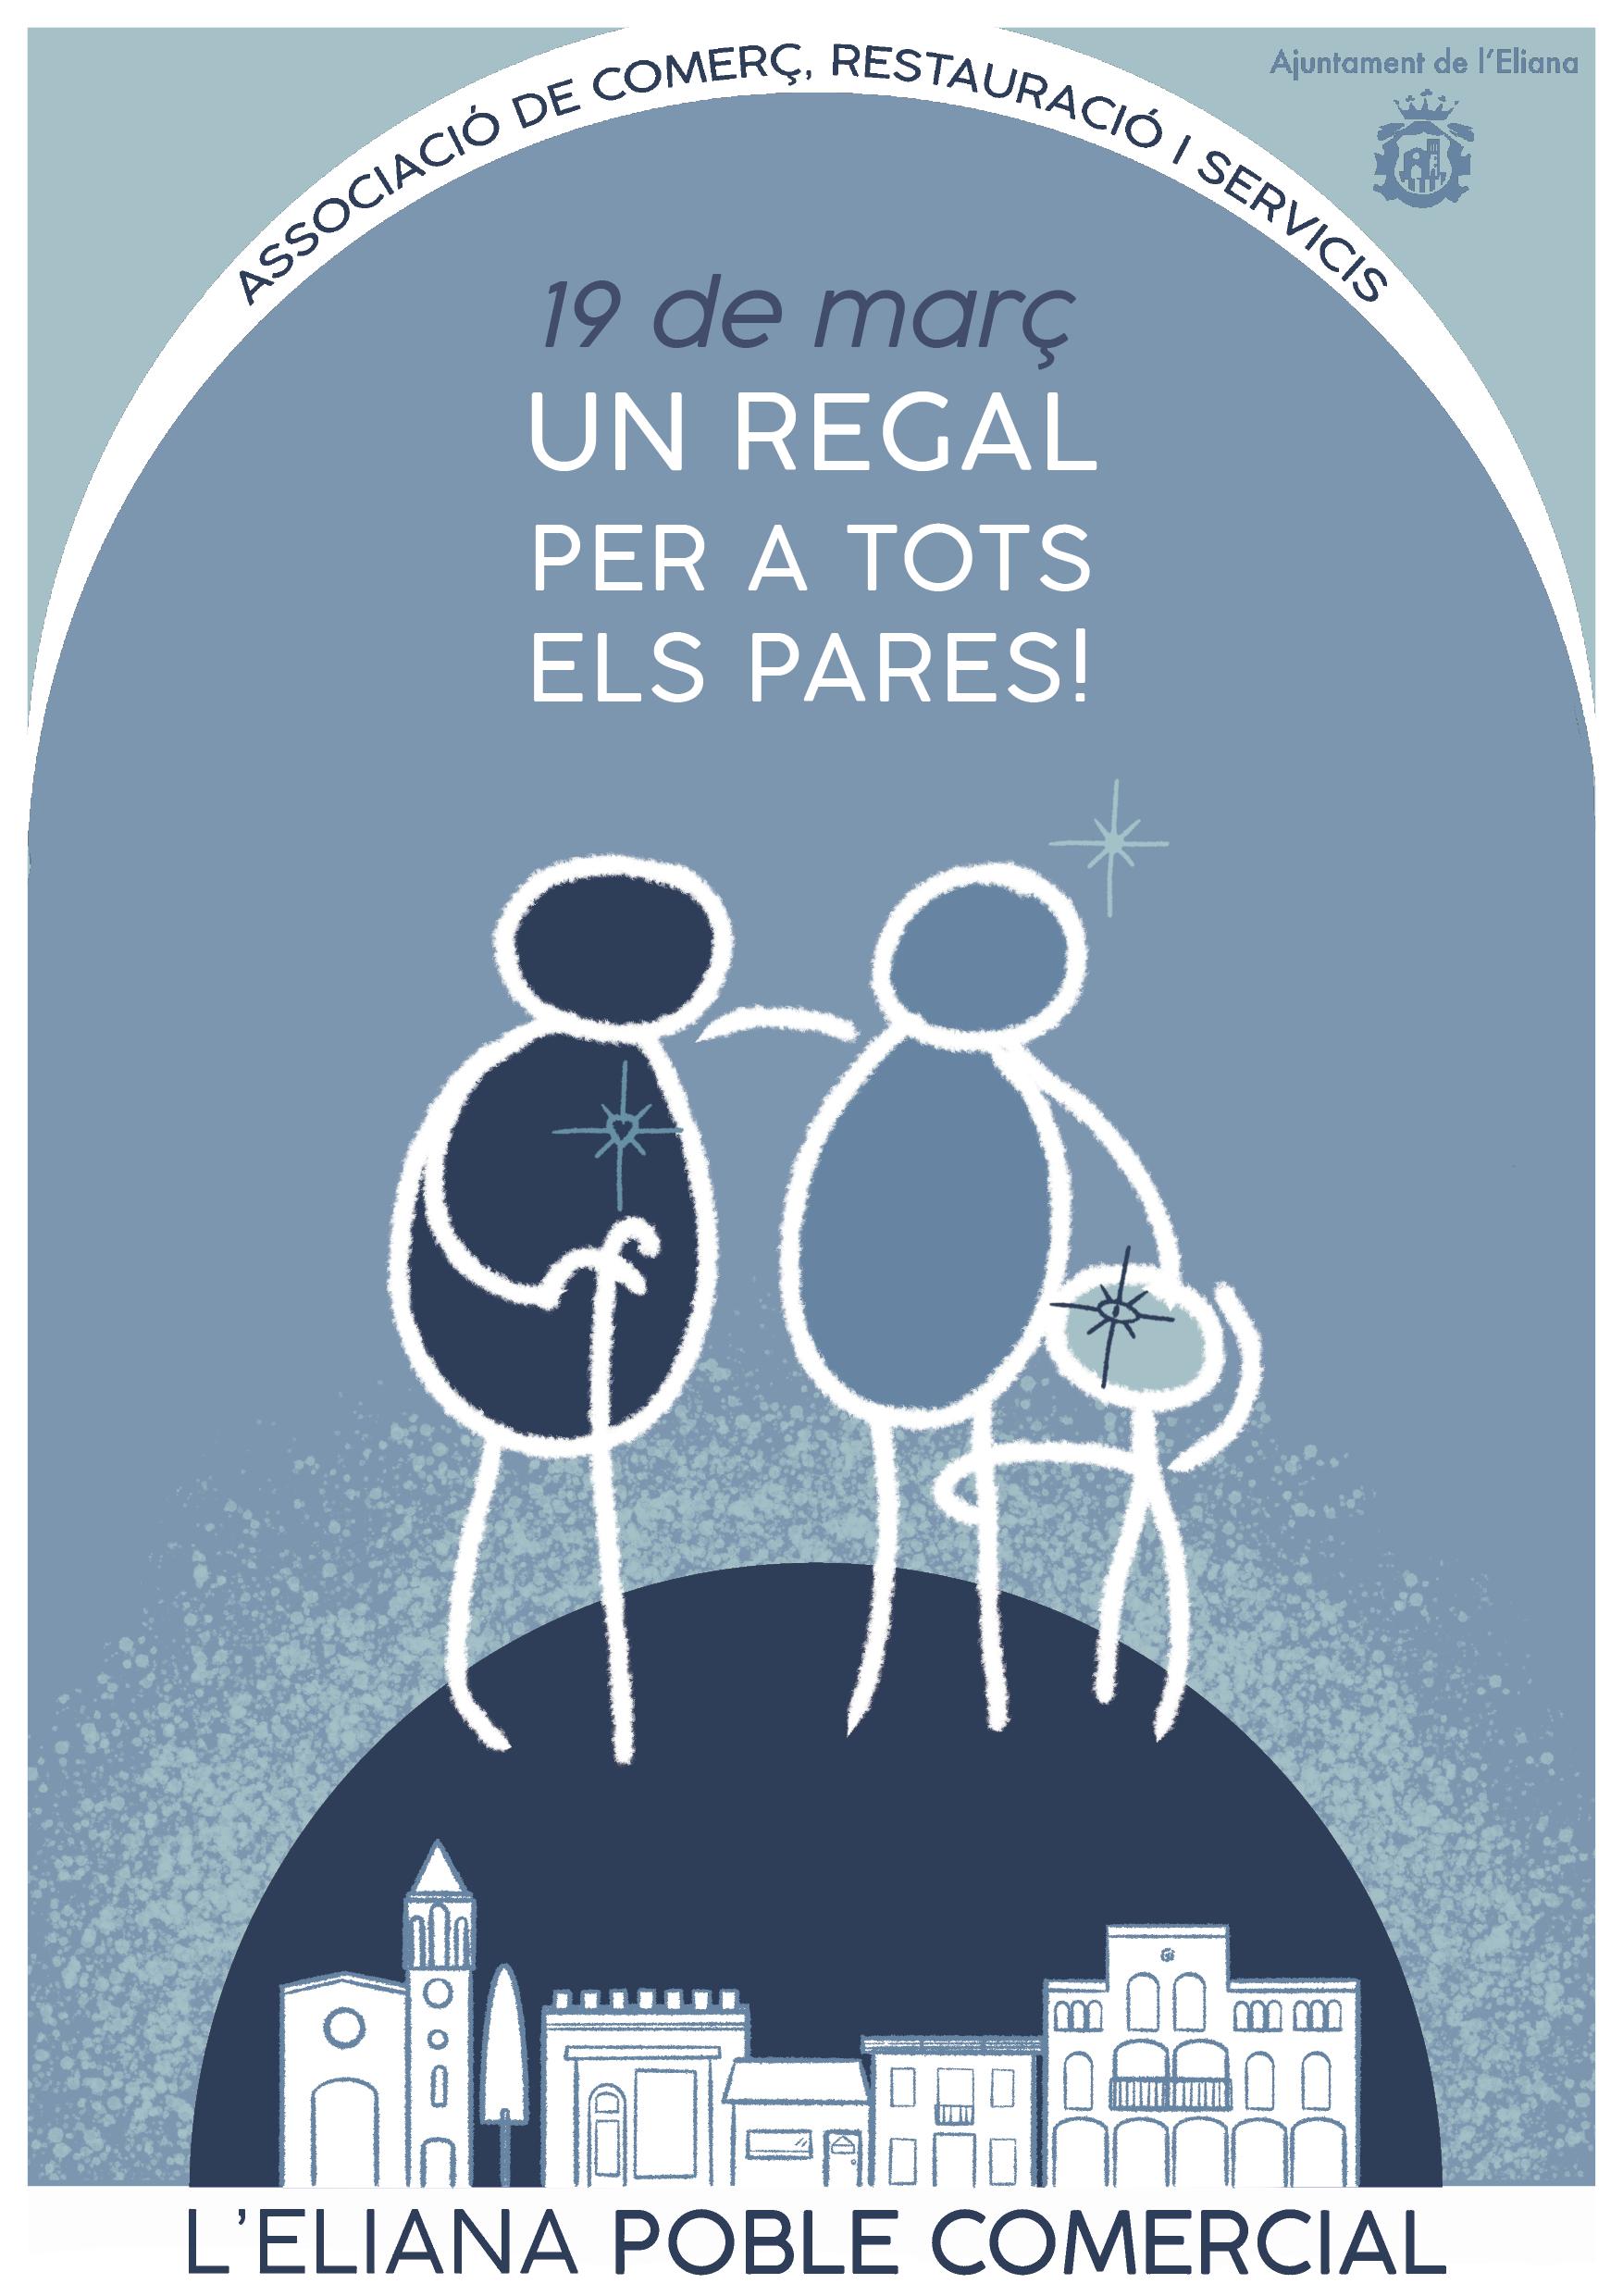 Sonia Sanmartín Ilustración Cartelería Diseño Gráfico L'Eliana Poble Comercial Día del Padre